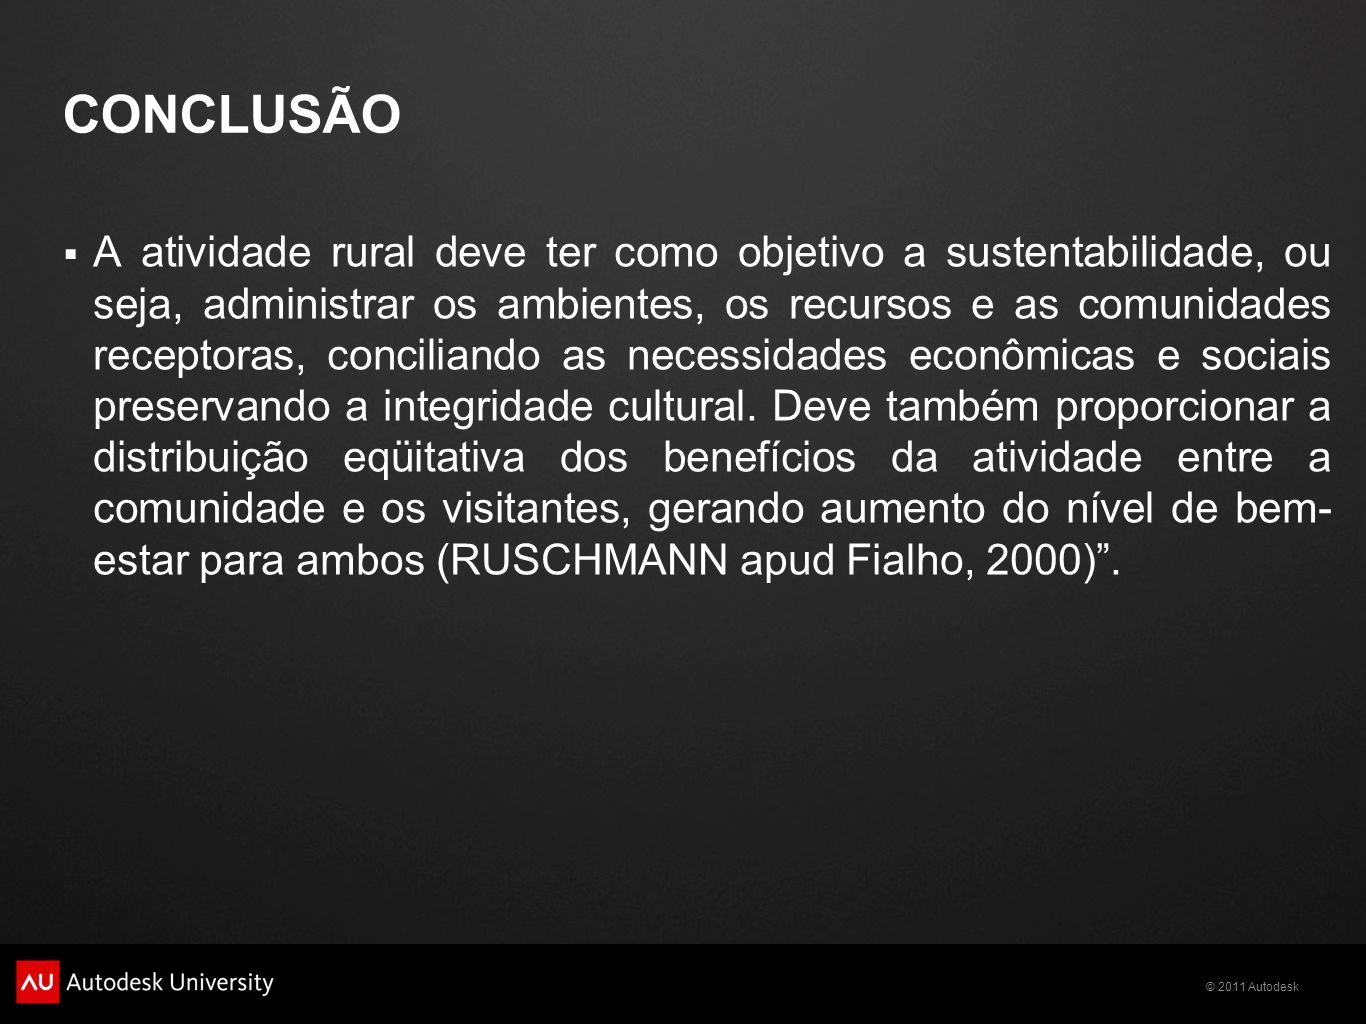 © 2011 Autodesk CONCLUSÃO  A atividade rural deve ter como objetivo a sustentabilidade, ou seja, administrar os ambientes, os recursos e as comunidades receptoras, conciliando as necessidades econômicas e sociais preservando a integridade cultural.